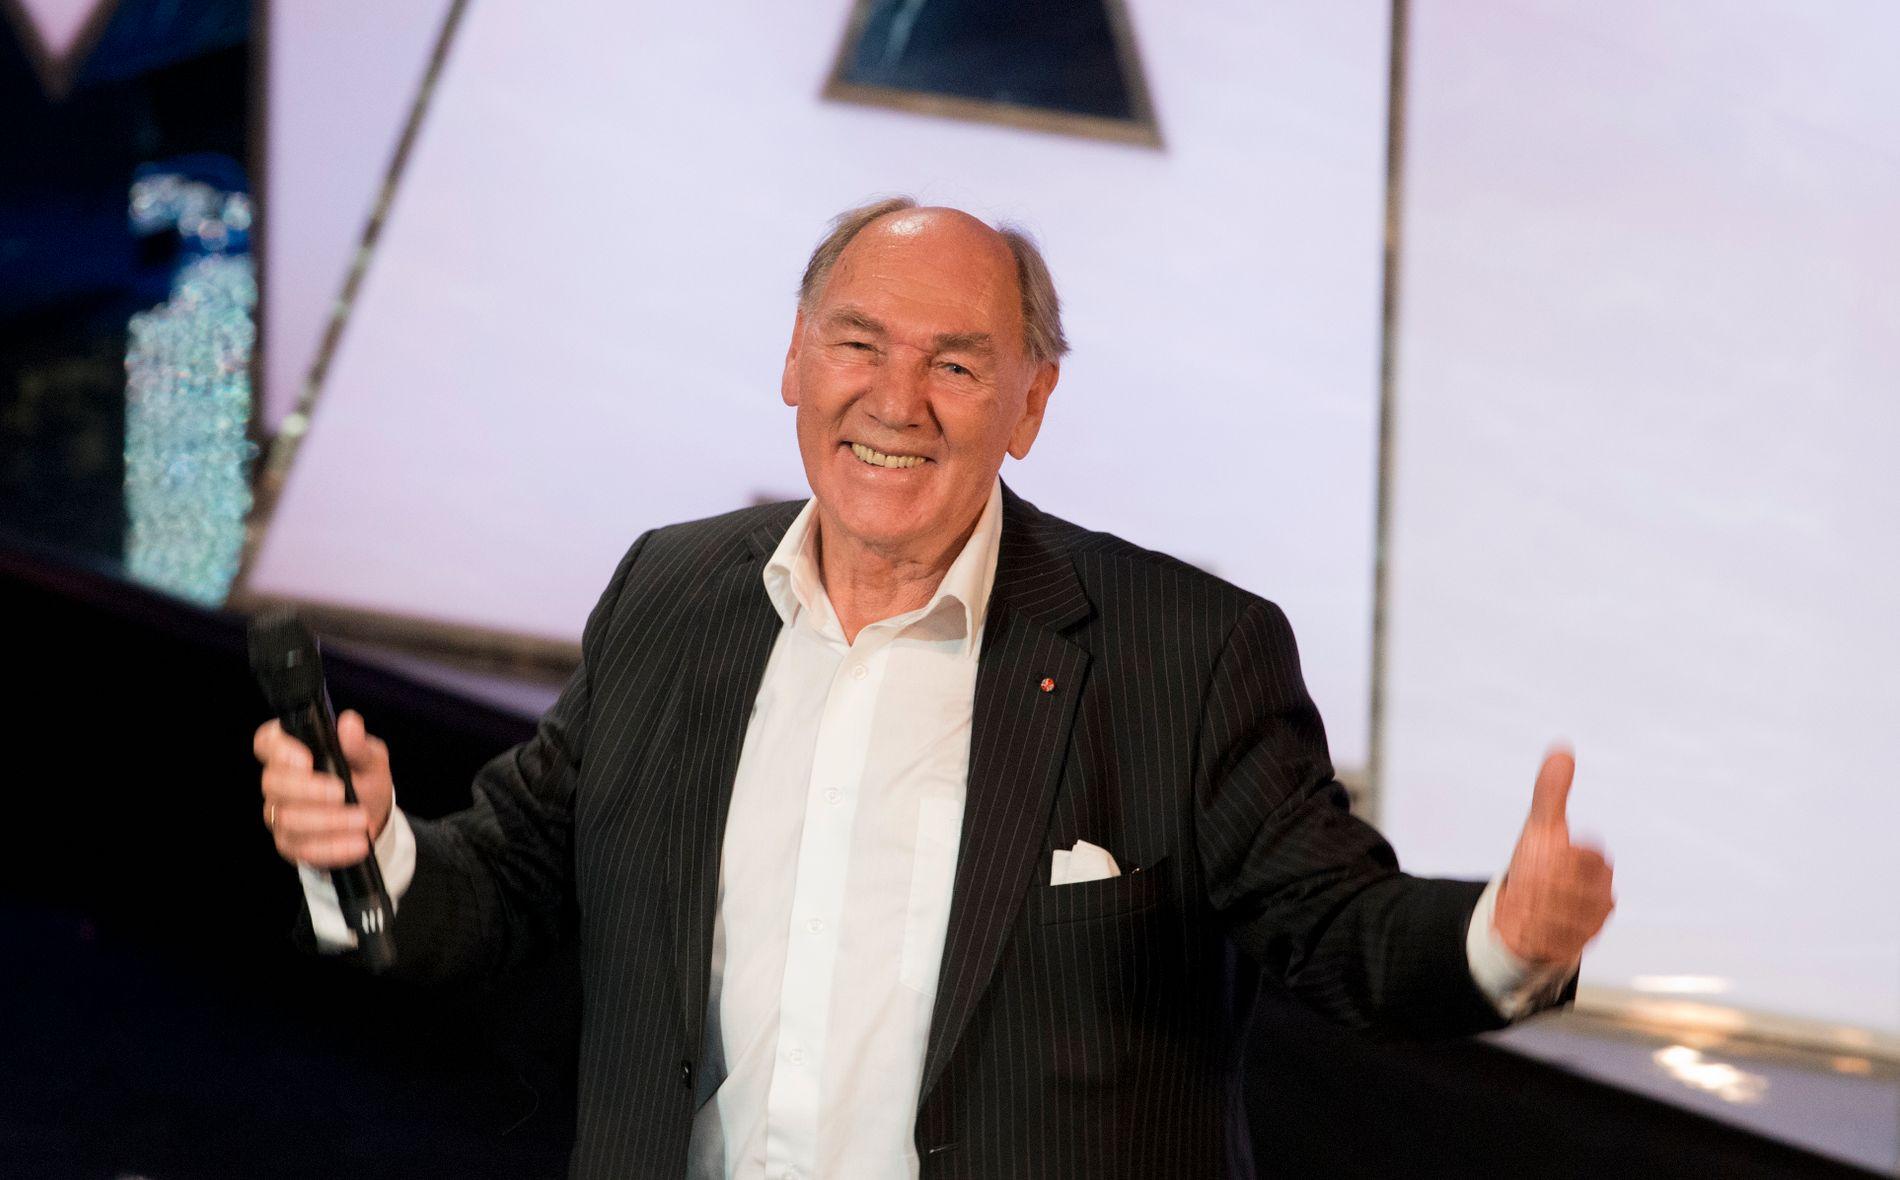 Joachim Calmeyer fikk æresprisen under prisutdelingen av Amandaprisen 2012 i Haugesund. Han døde 2. juledag, 85 år gammel.